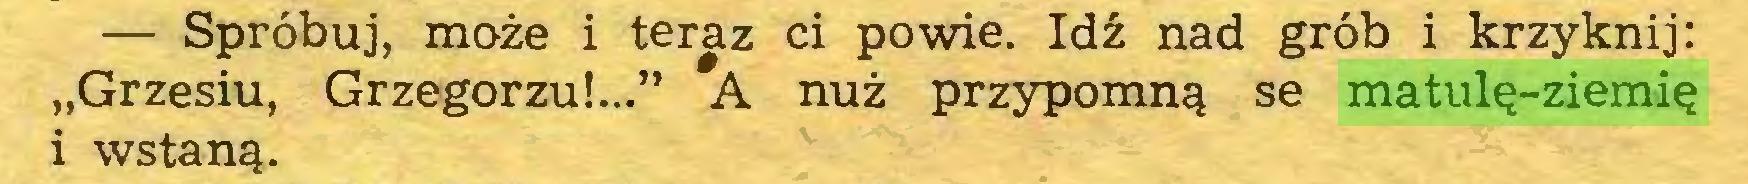 """(...) — Spróbuj, może i teraz ci powie. Idź nad grób i krzyknij: """"Grzesiu, Grzegorzu!..."""" A nuż przypomną se matulę-ziemię i wstaną..."""